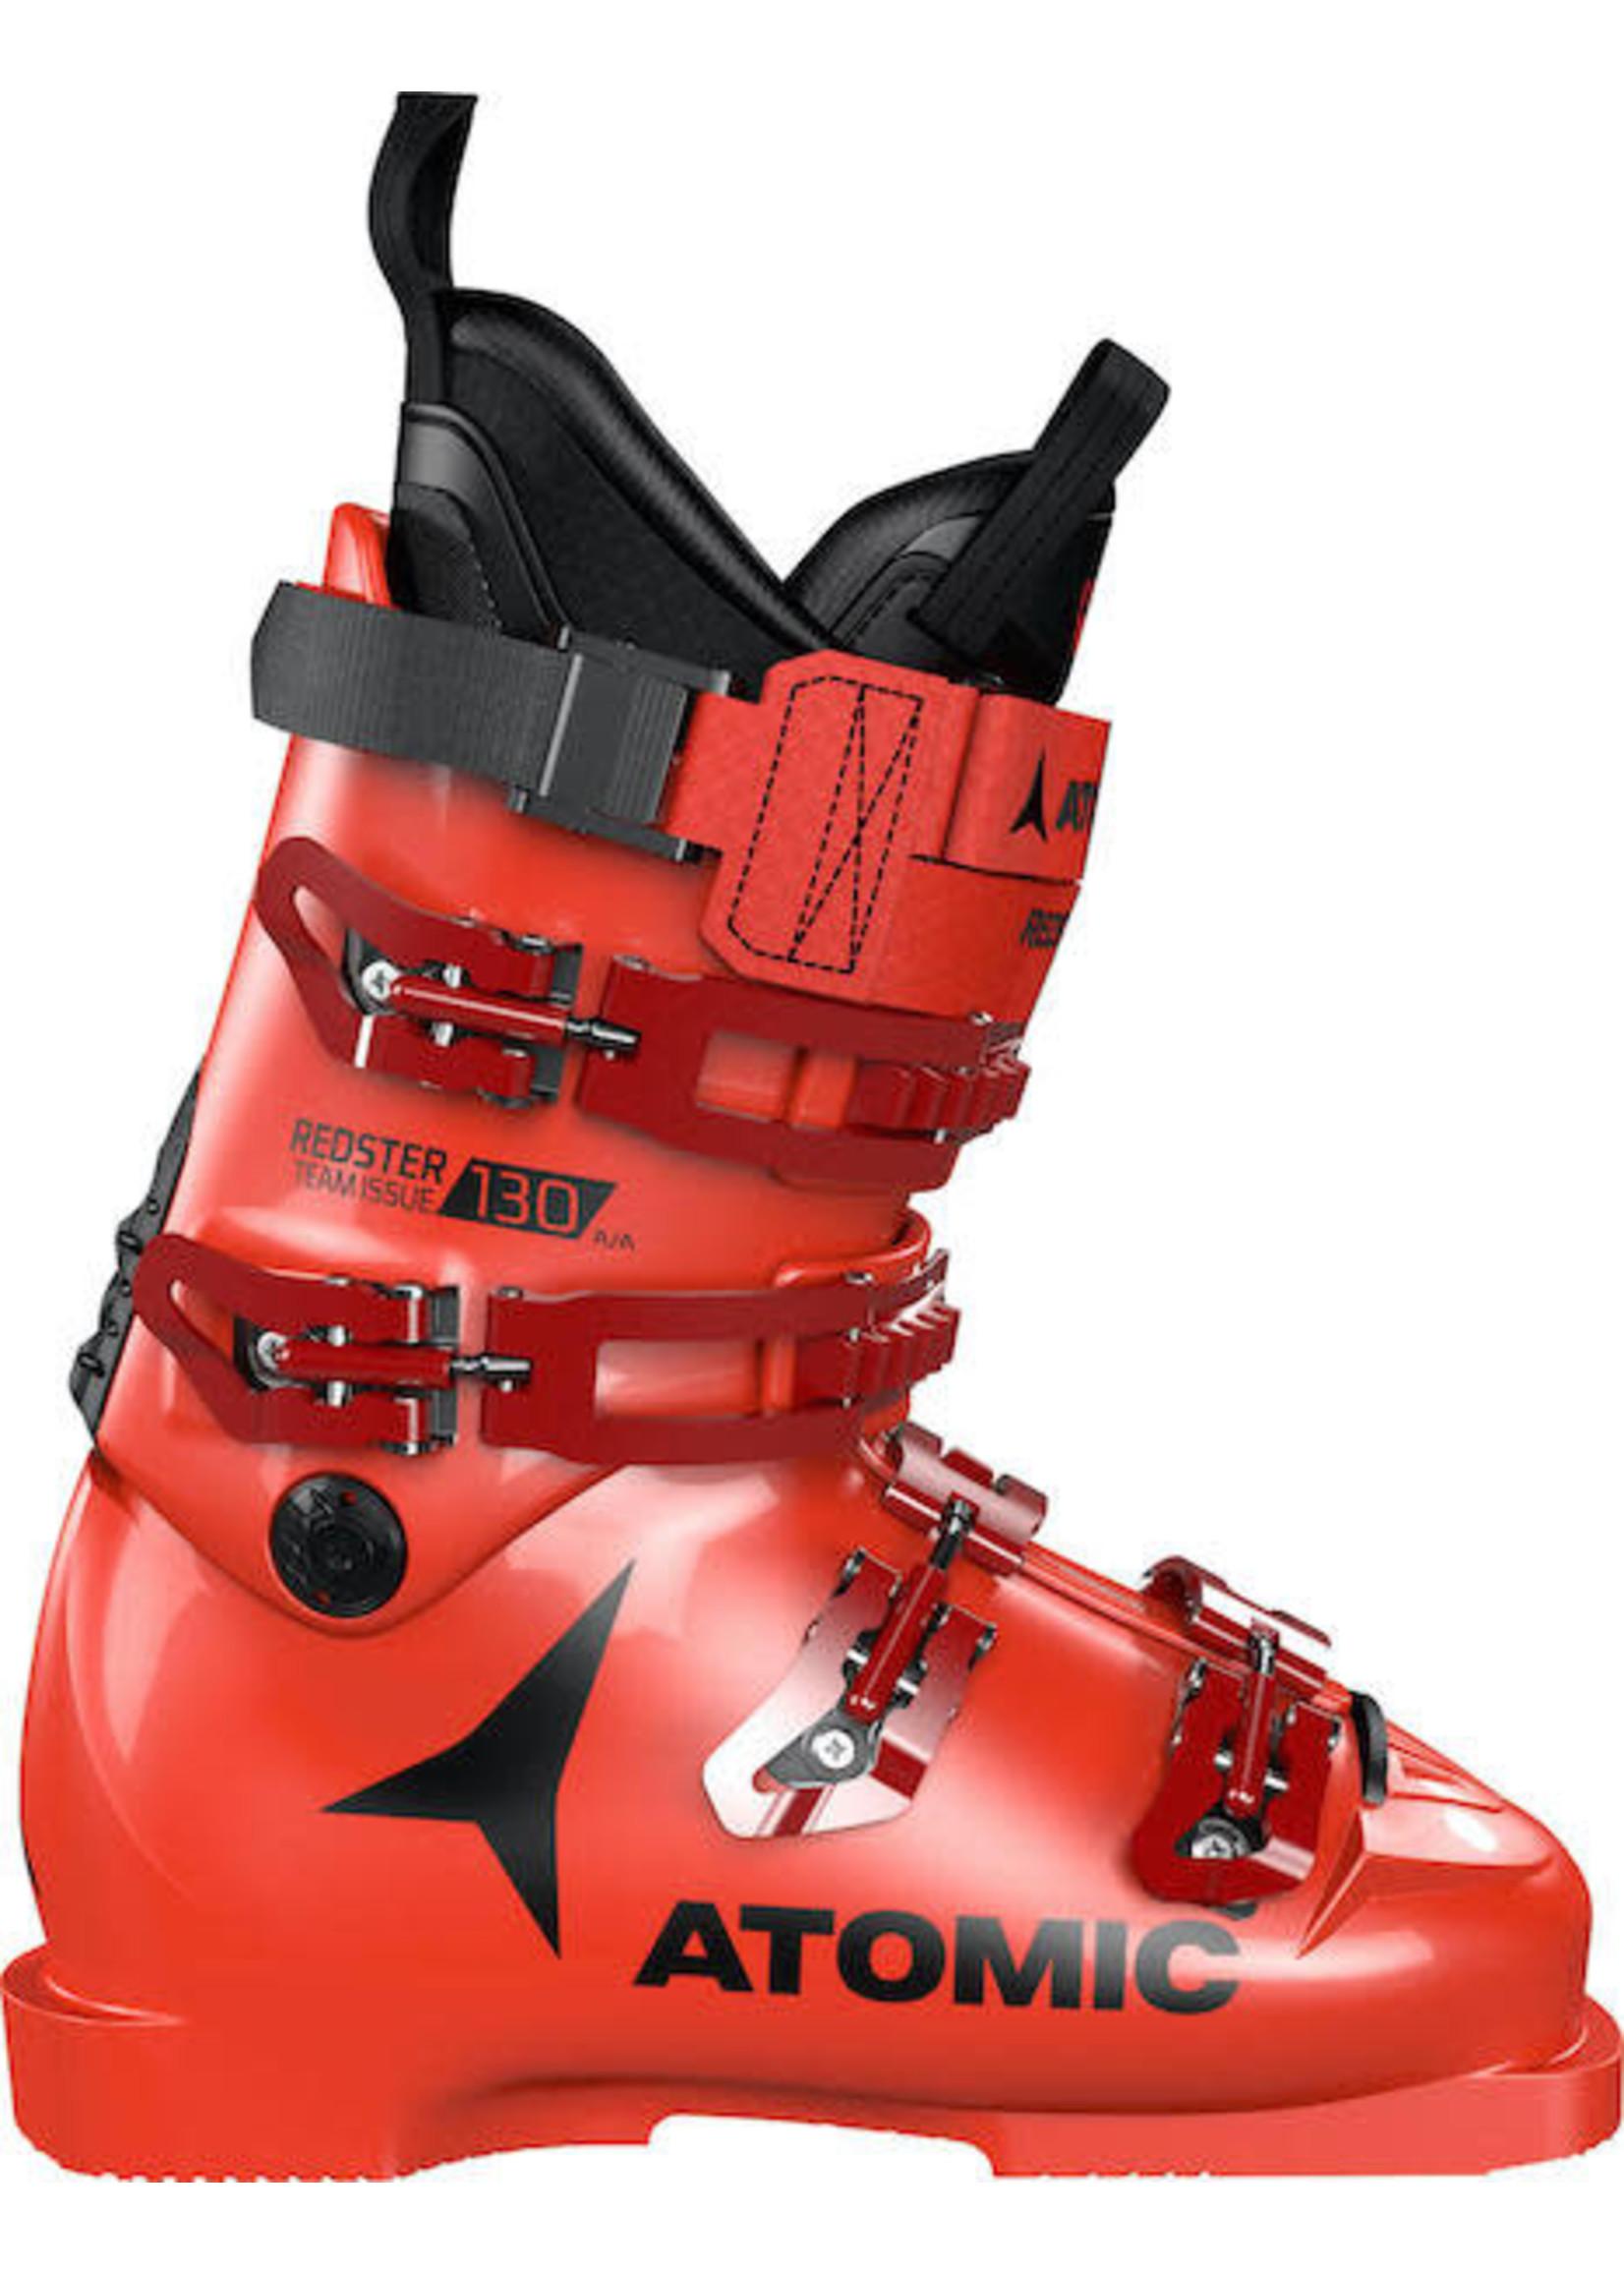 Atomic ATOMIC- RED Ti130